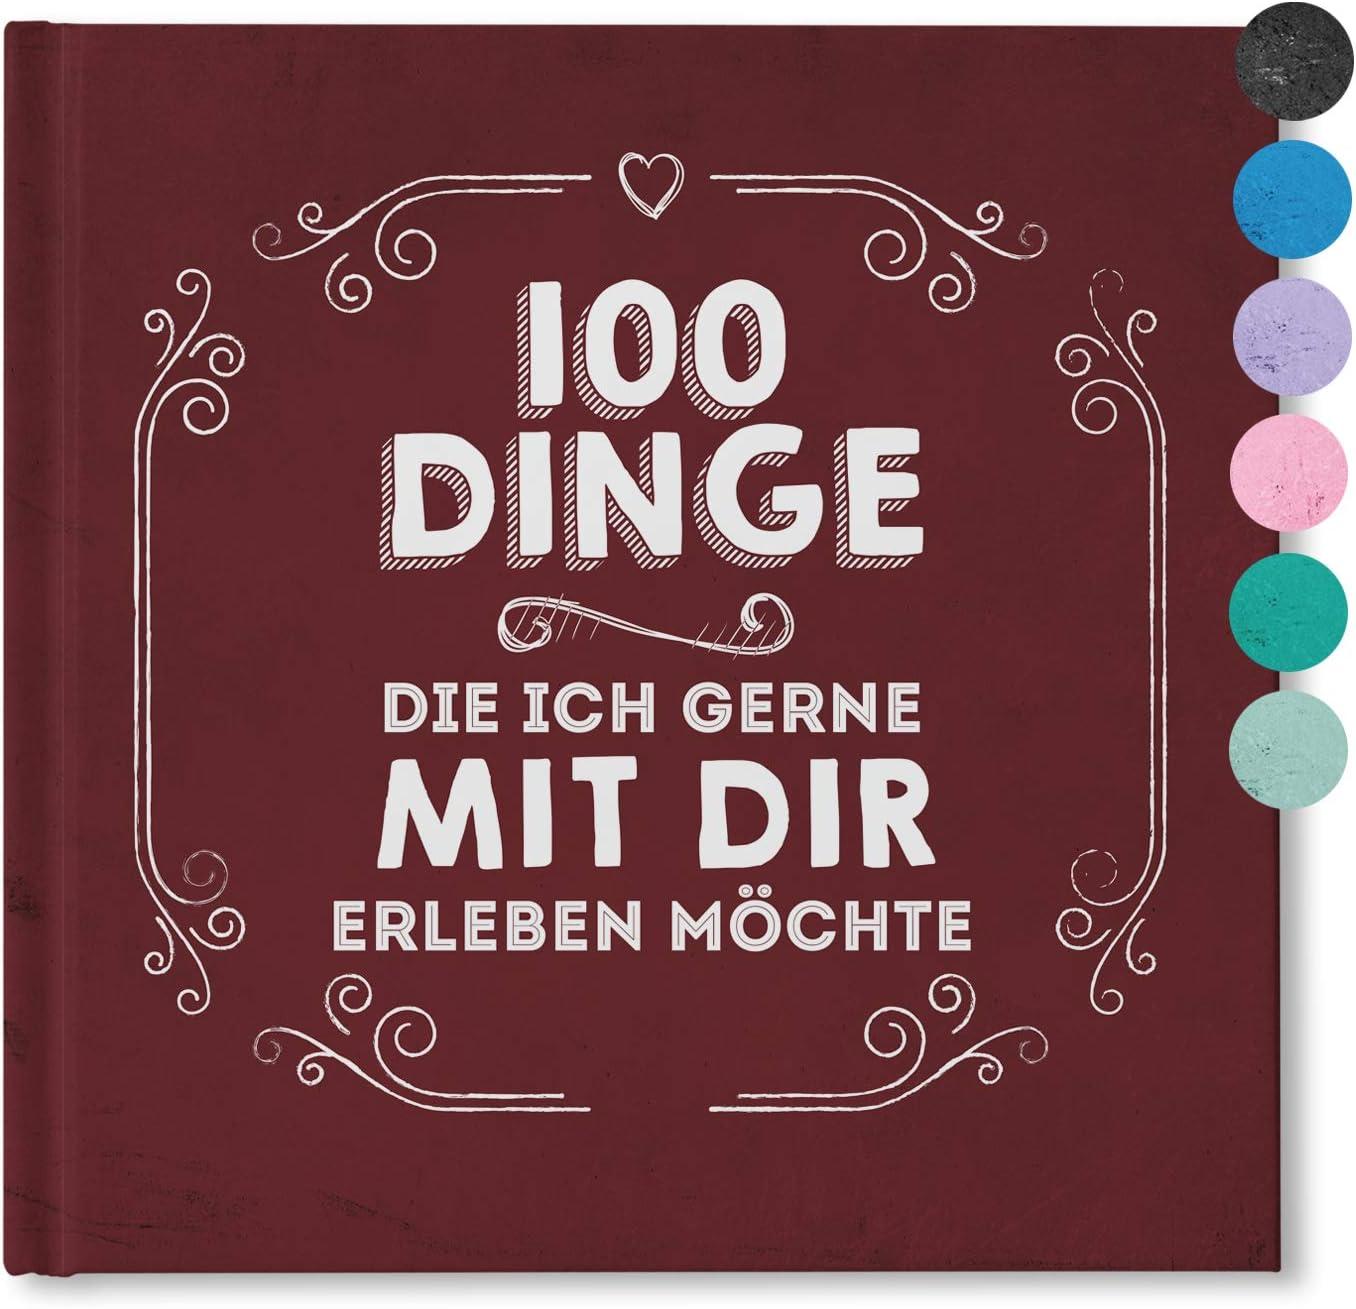 Chalkboard bordeaux Partnergeschenk 100 Dinge,die ich gerne mit Dir erleben m/öchte 100 Dinge Buch